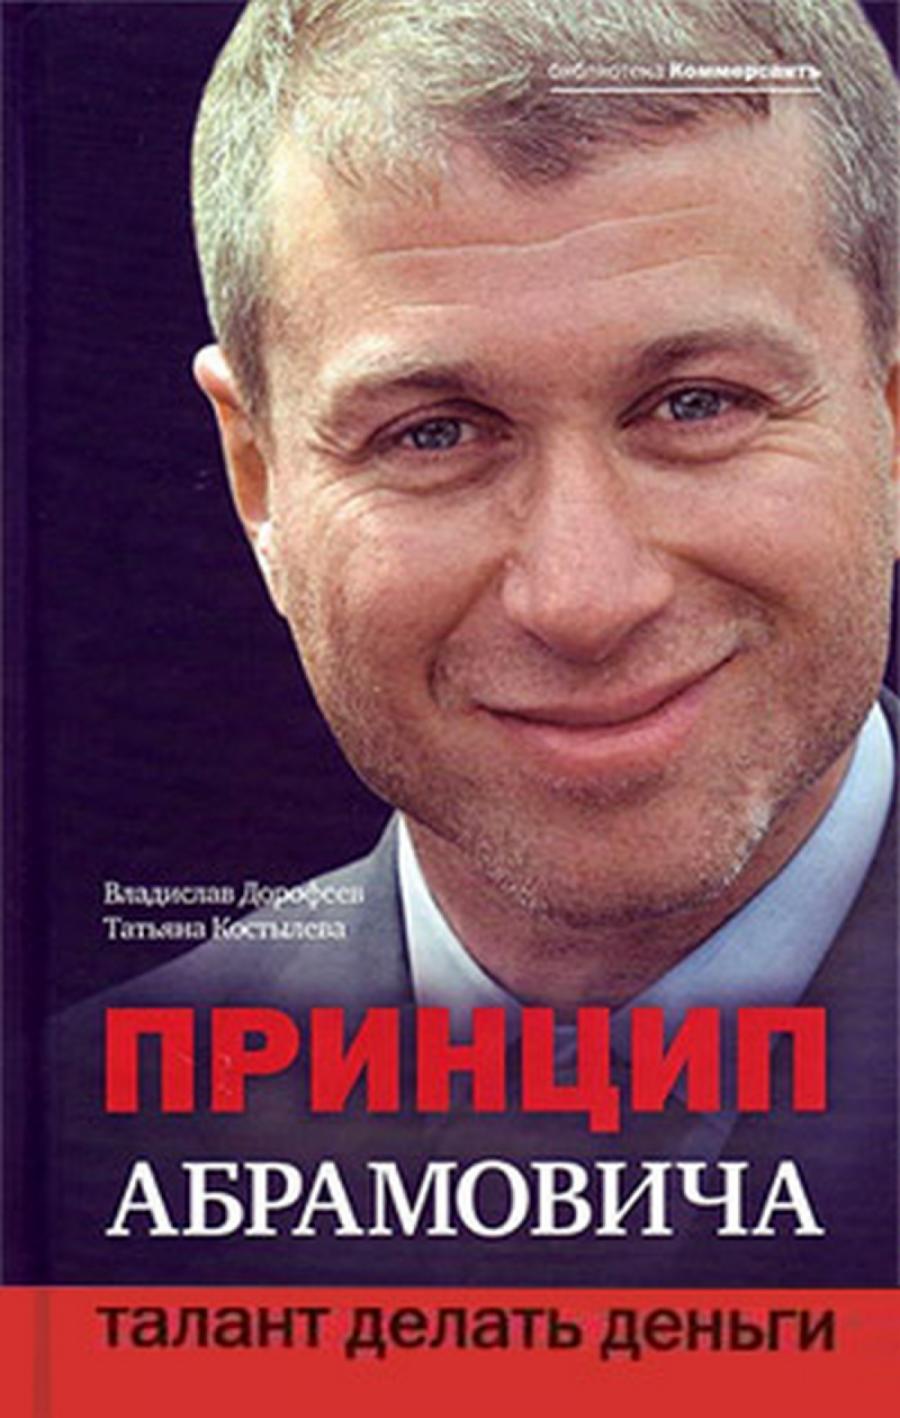 Обложка книги:  владислав дорофеев, татьяна костылева - принцип абрамовича. талант делать деньги